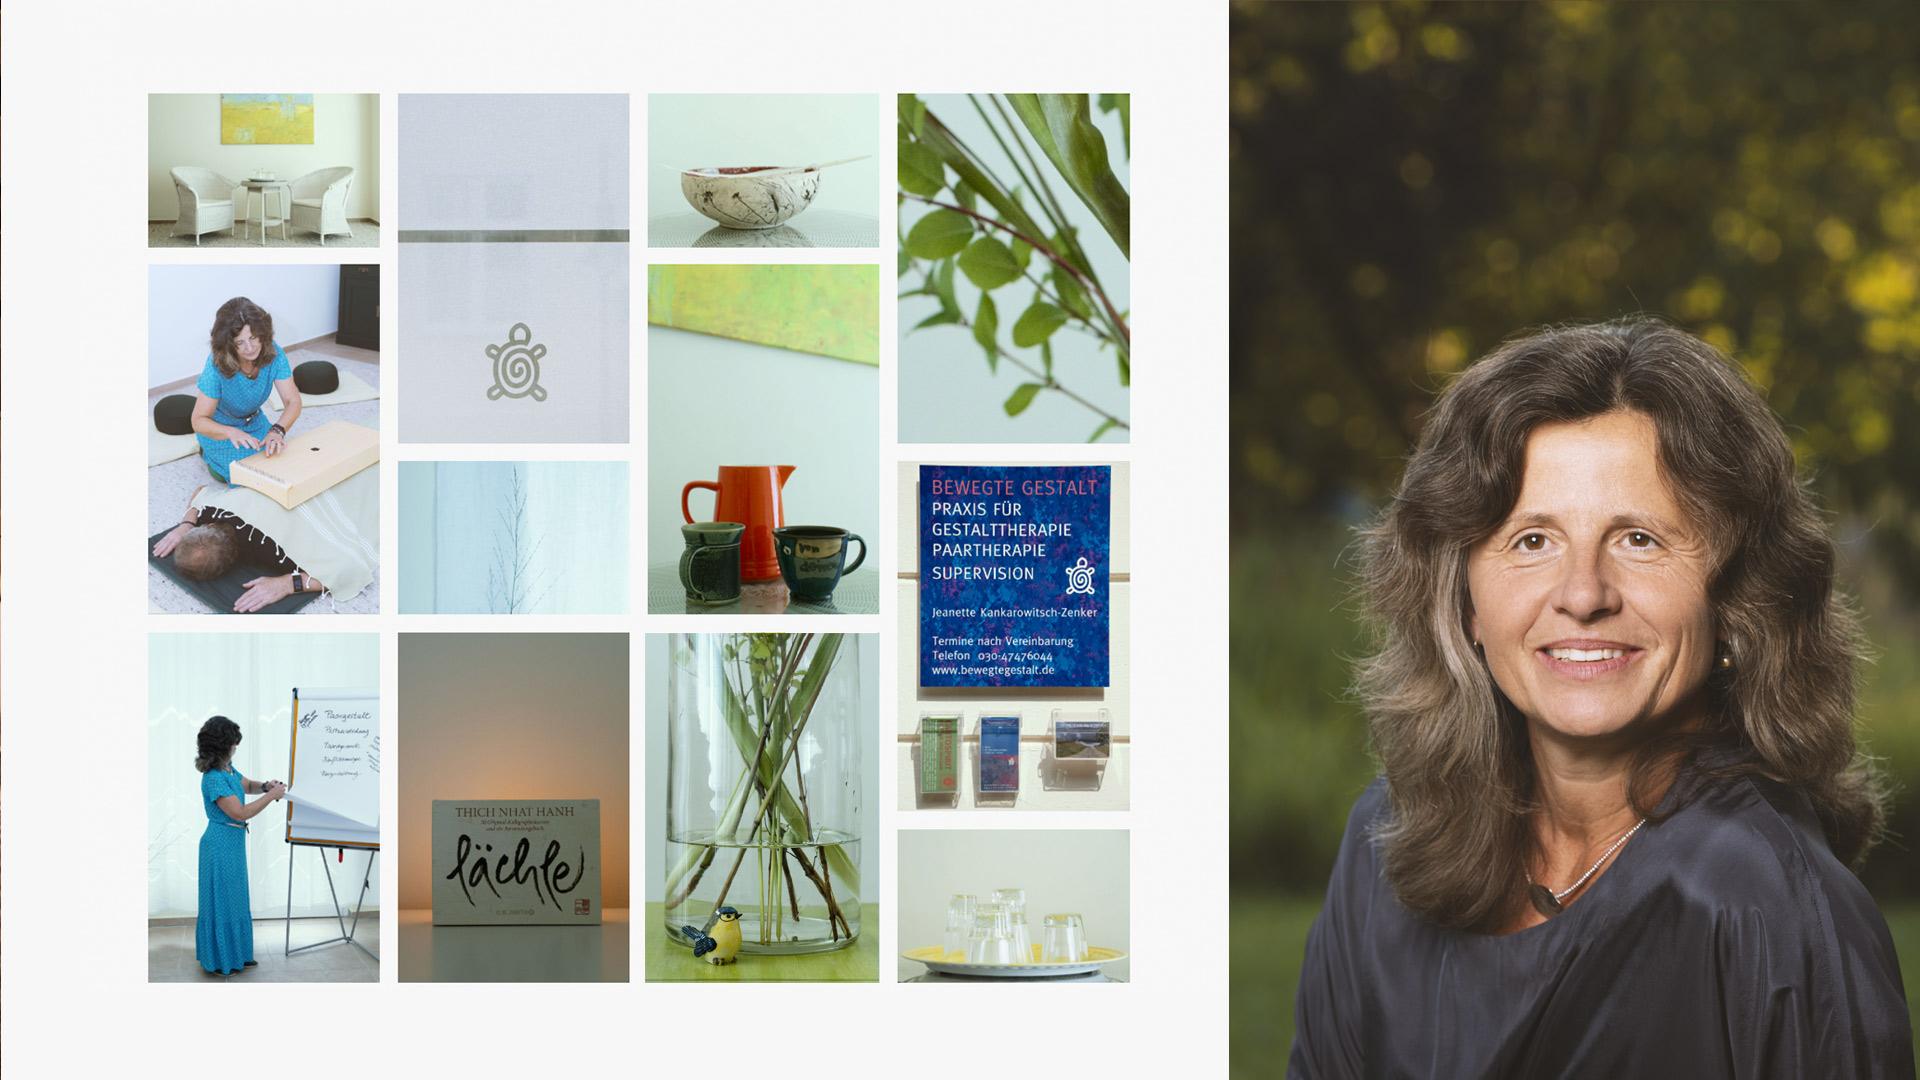 Unternehmensfotografie und Business Portrait für Bewegte Gestalt